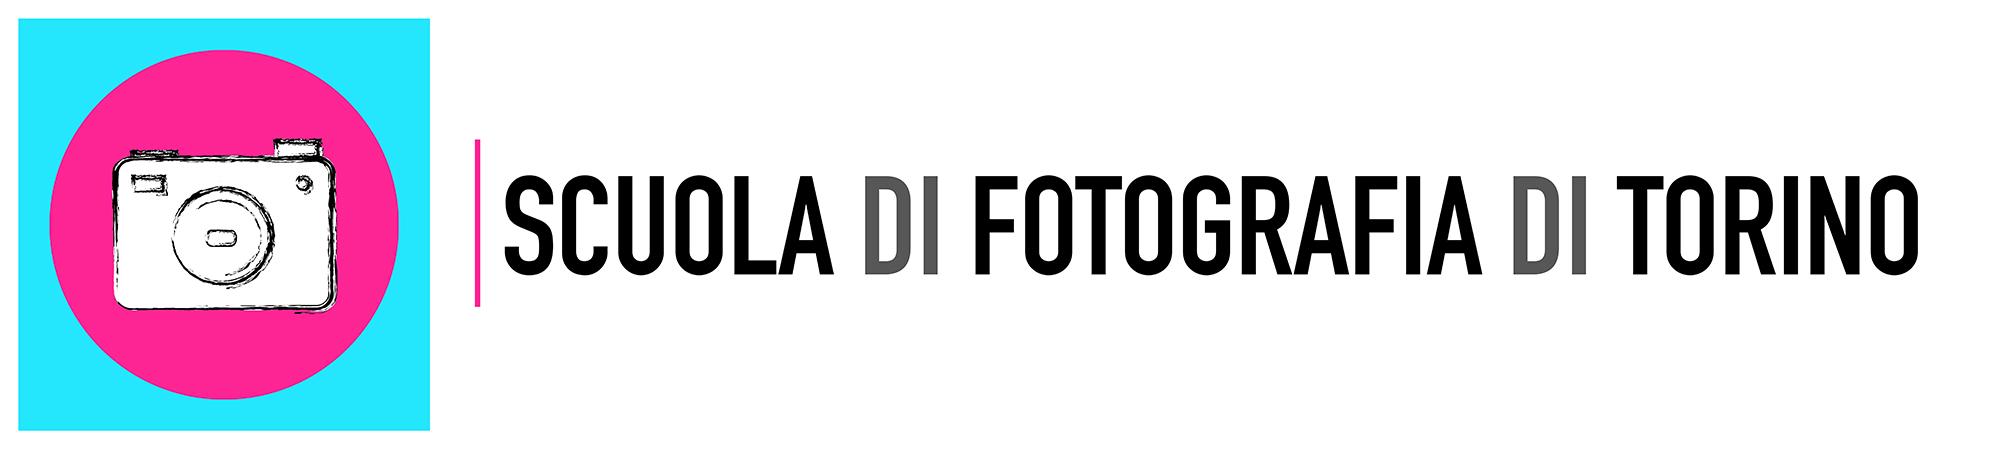 Corsi di Fotografia a Torino e Online